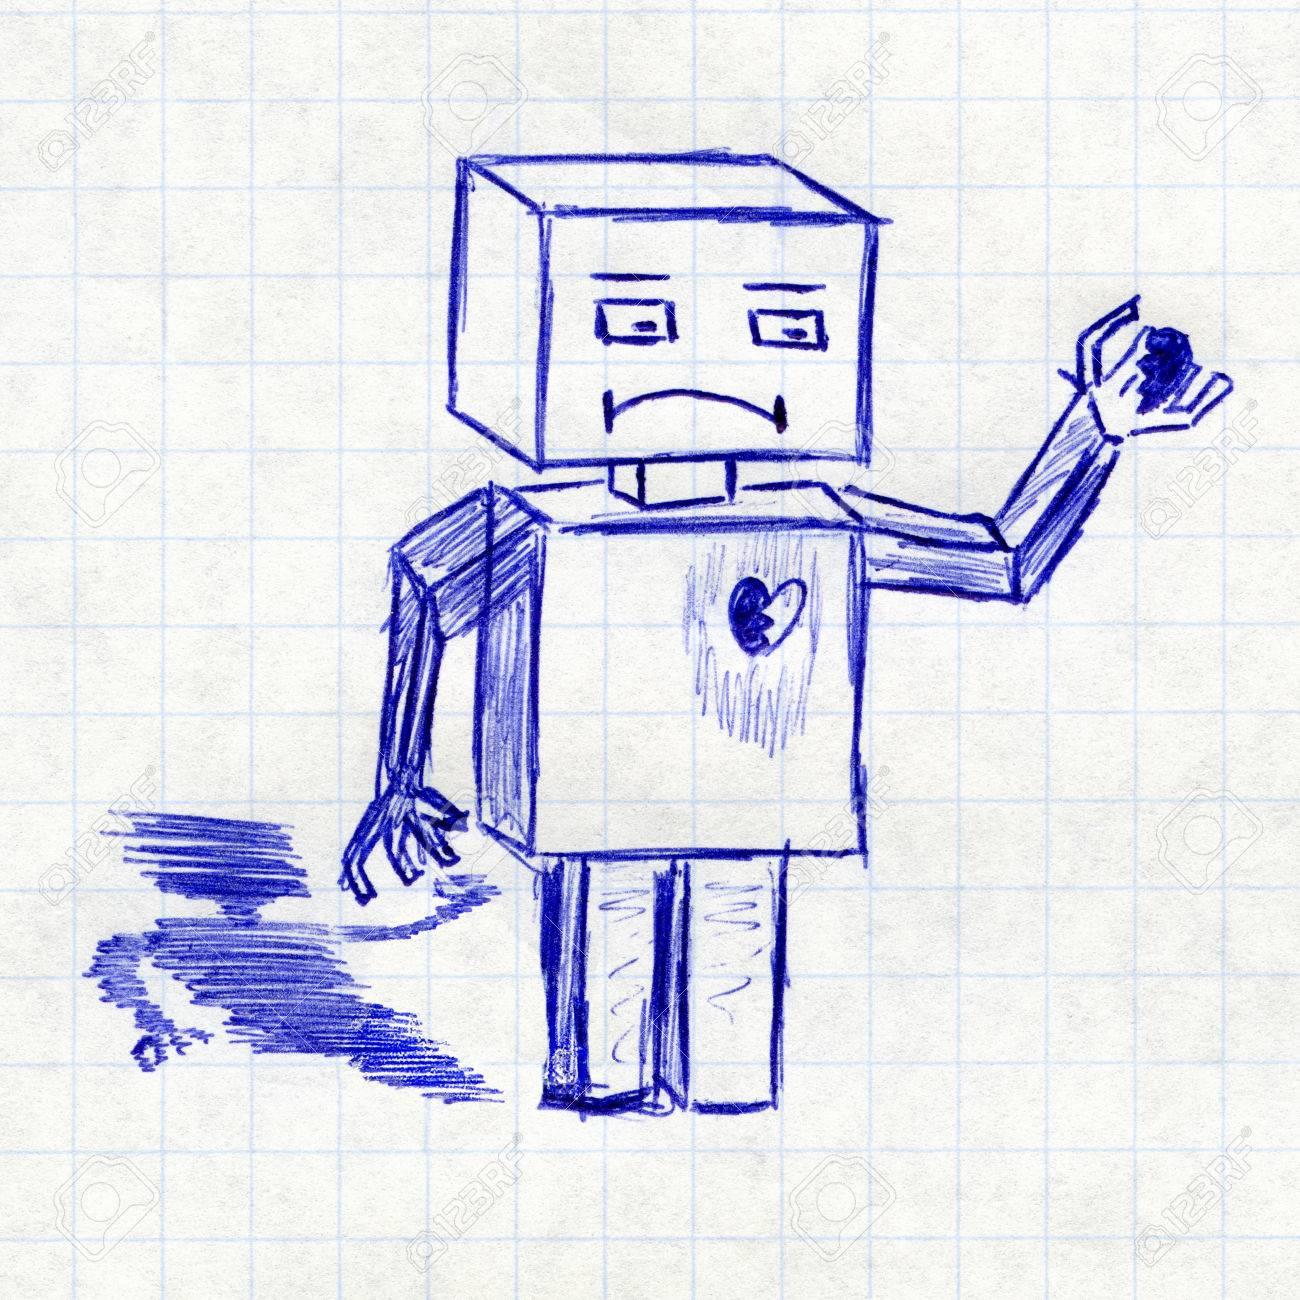 Robot Avec Le Coeur Brise Le Dessin D Enfant Dans Un Cahier D